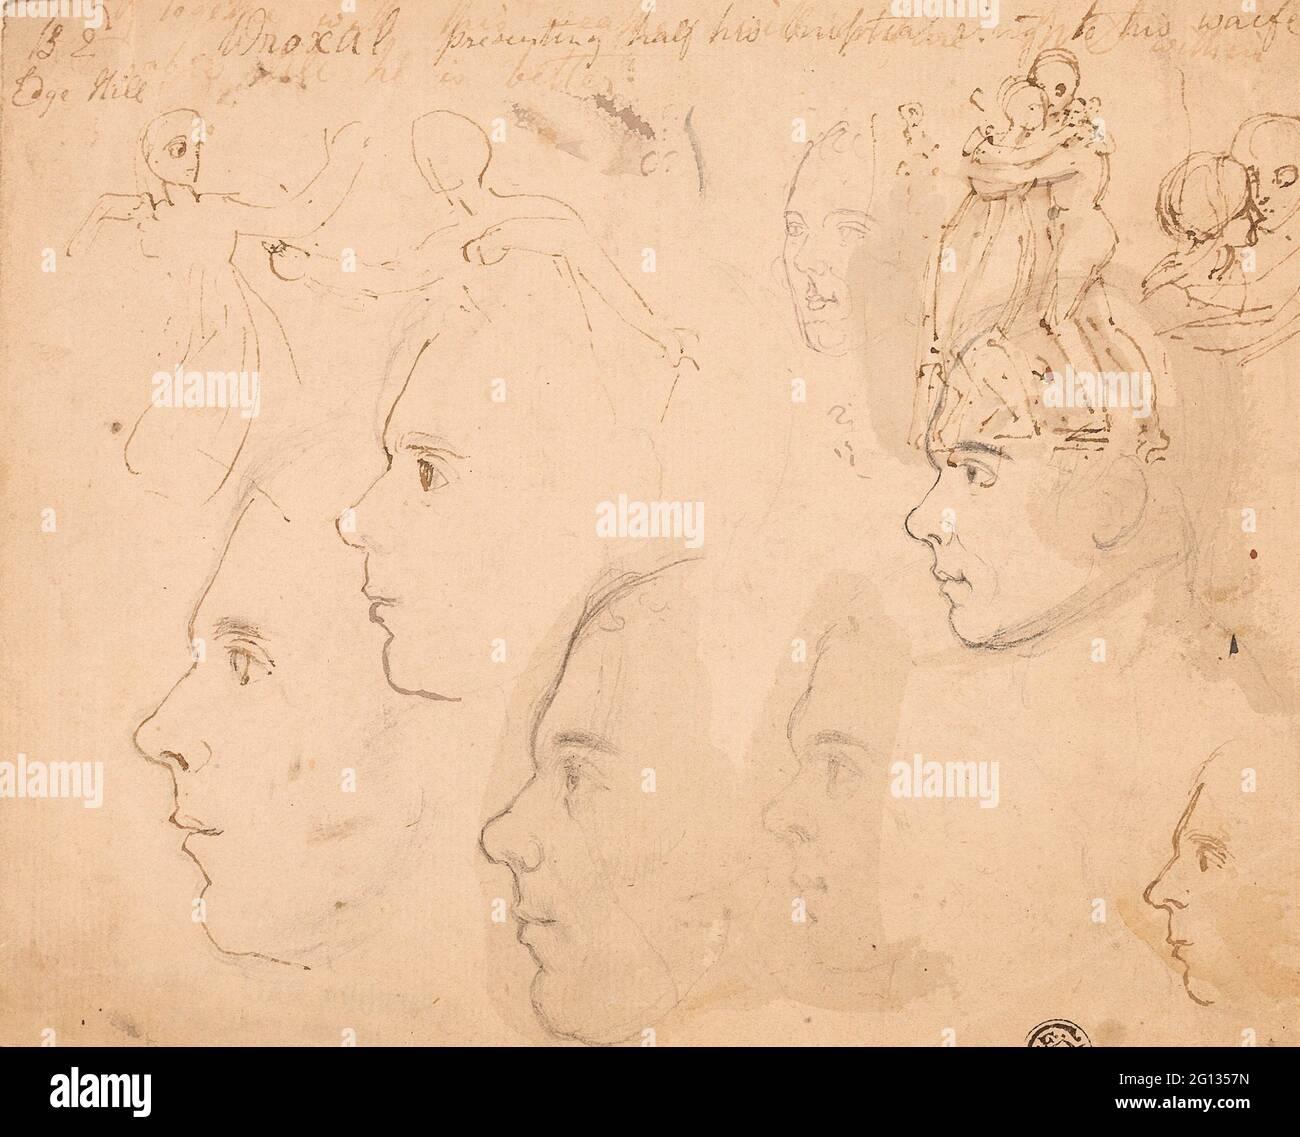 Autor: Thomas Stothard. Skizzen männlicher Profile, Paar umarmt - zugeschrieben Thomas Stothard Englisch, 1755-1834. Graphit und Stift und braun Stockfoto